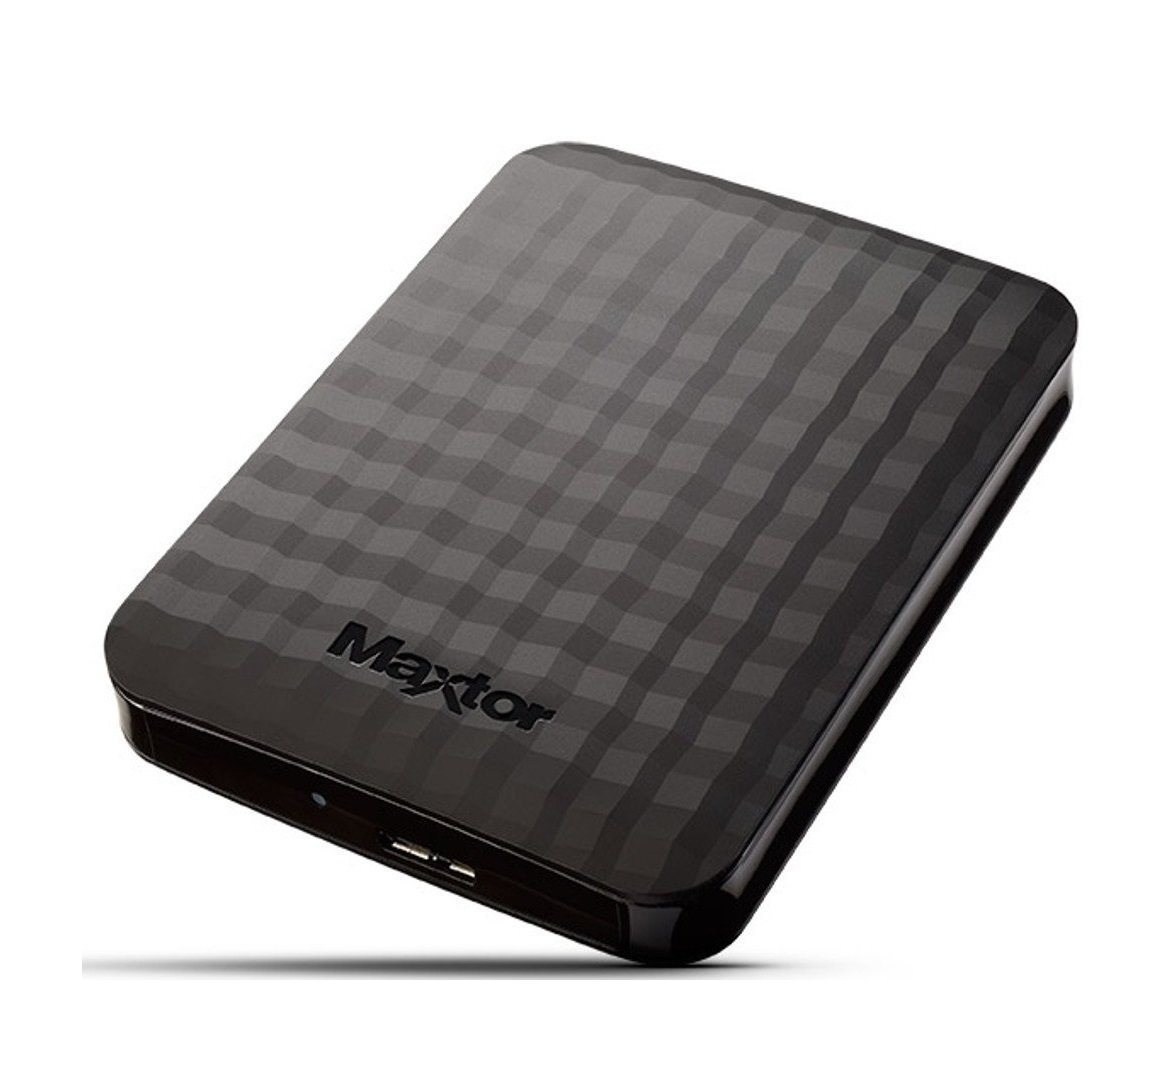 Migliori hard disk esterni 2tb: guida all'acquisto